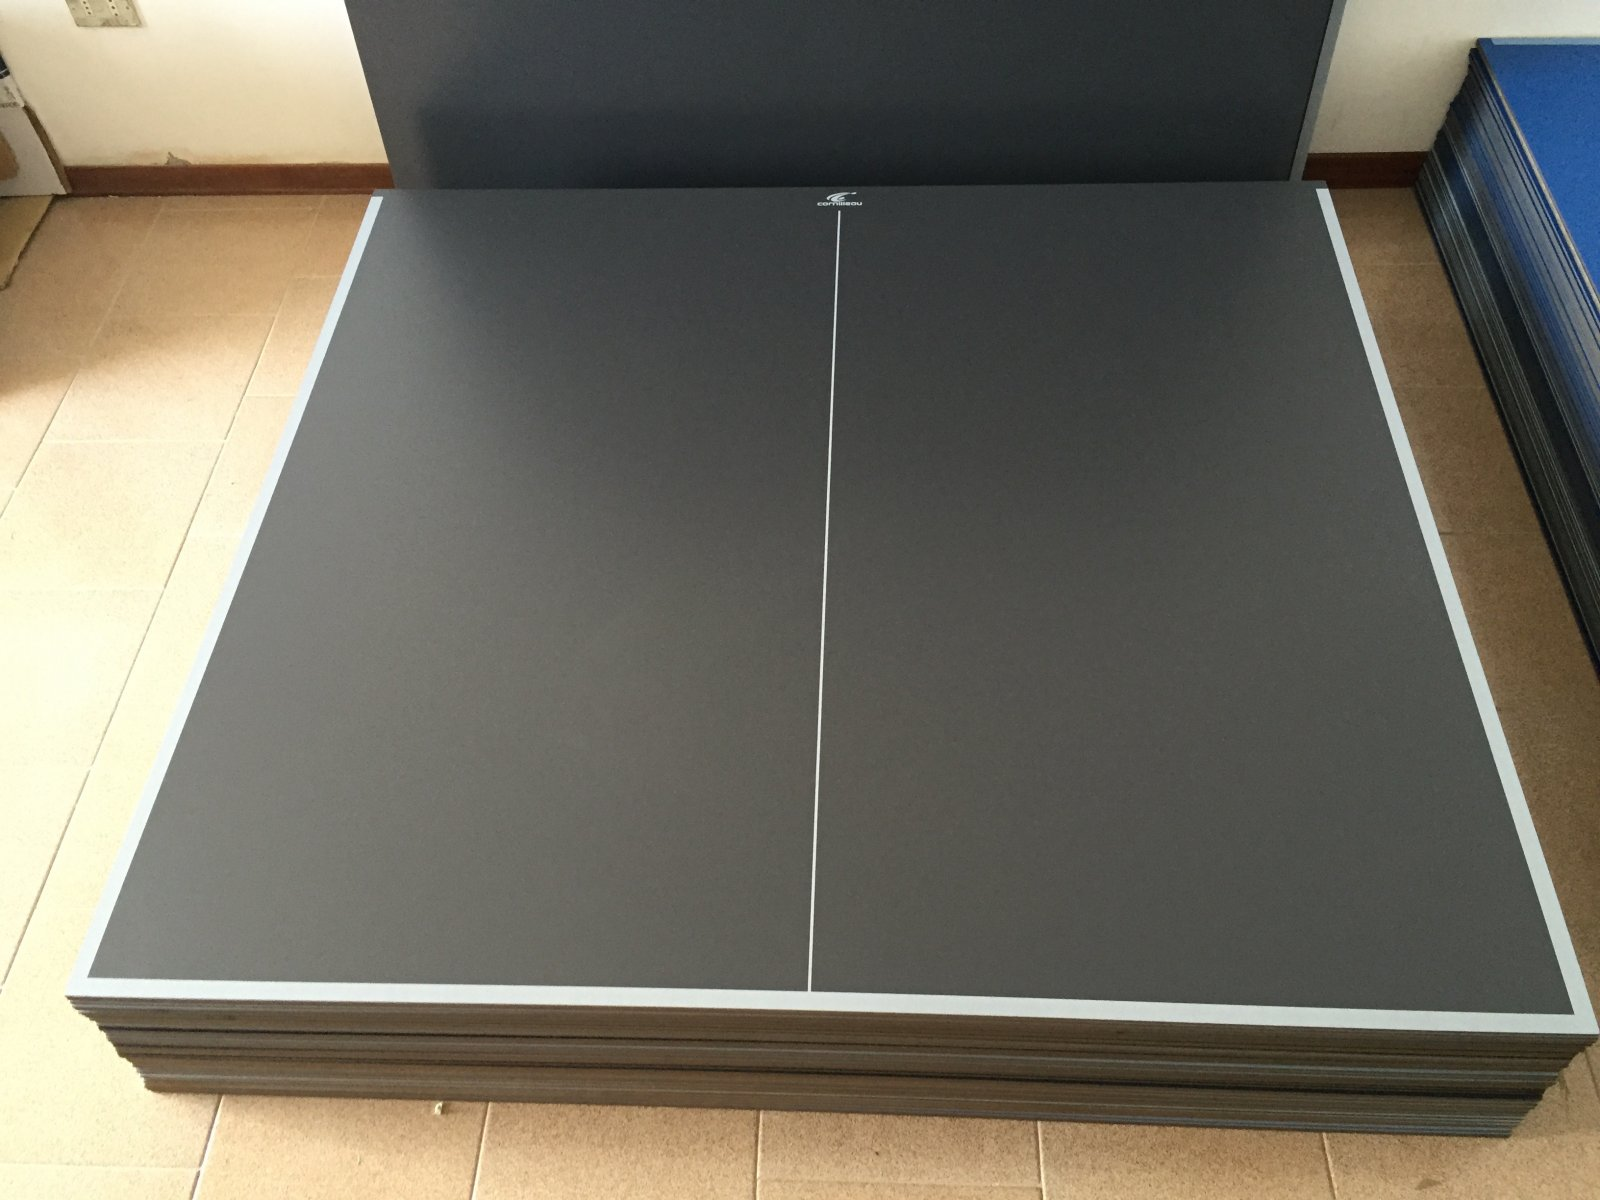 Piani pannelli per tavolo ping pong ping pong grigio for Piani patio esterno